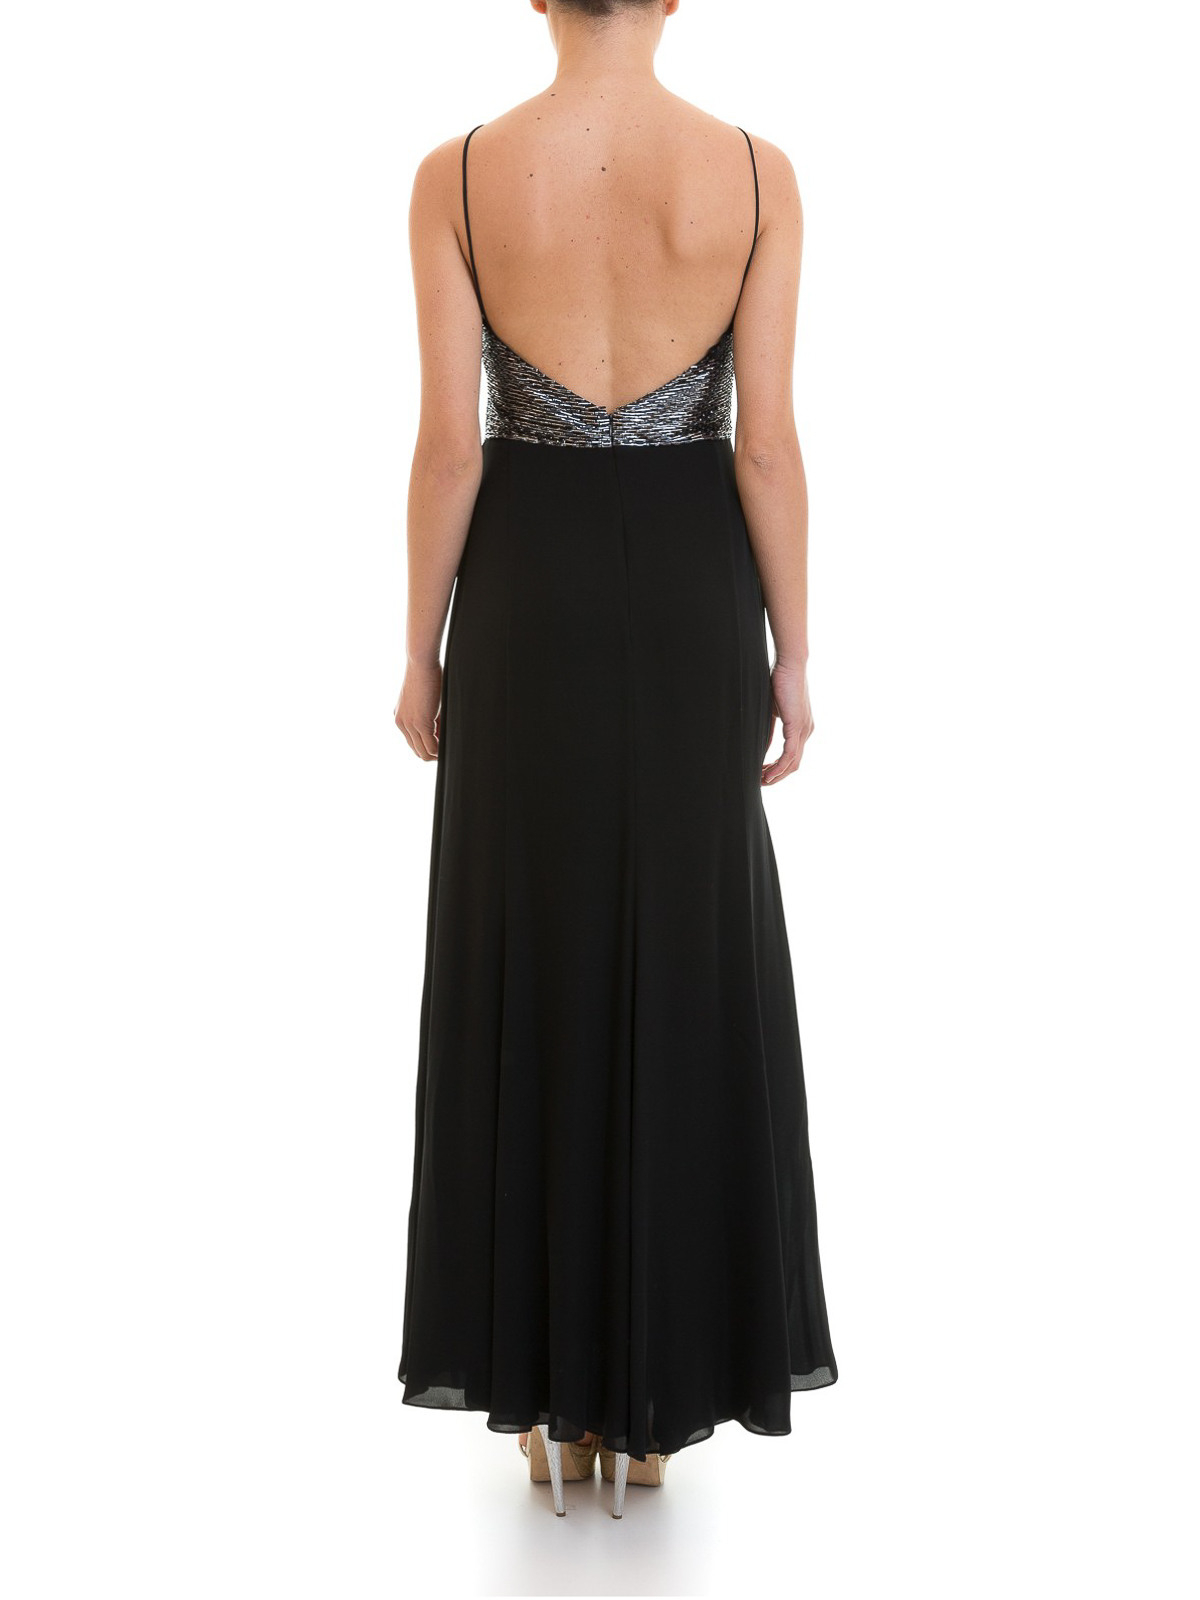 9 Luxus Armani Abendkleider für 9 - Abendkleid